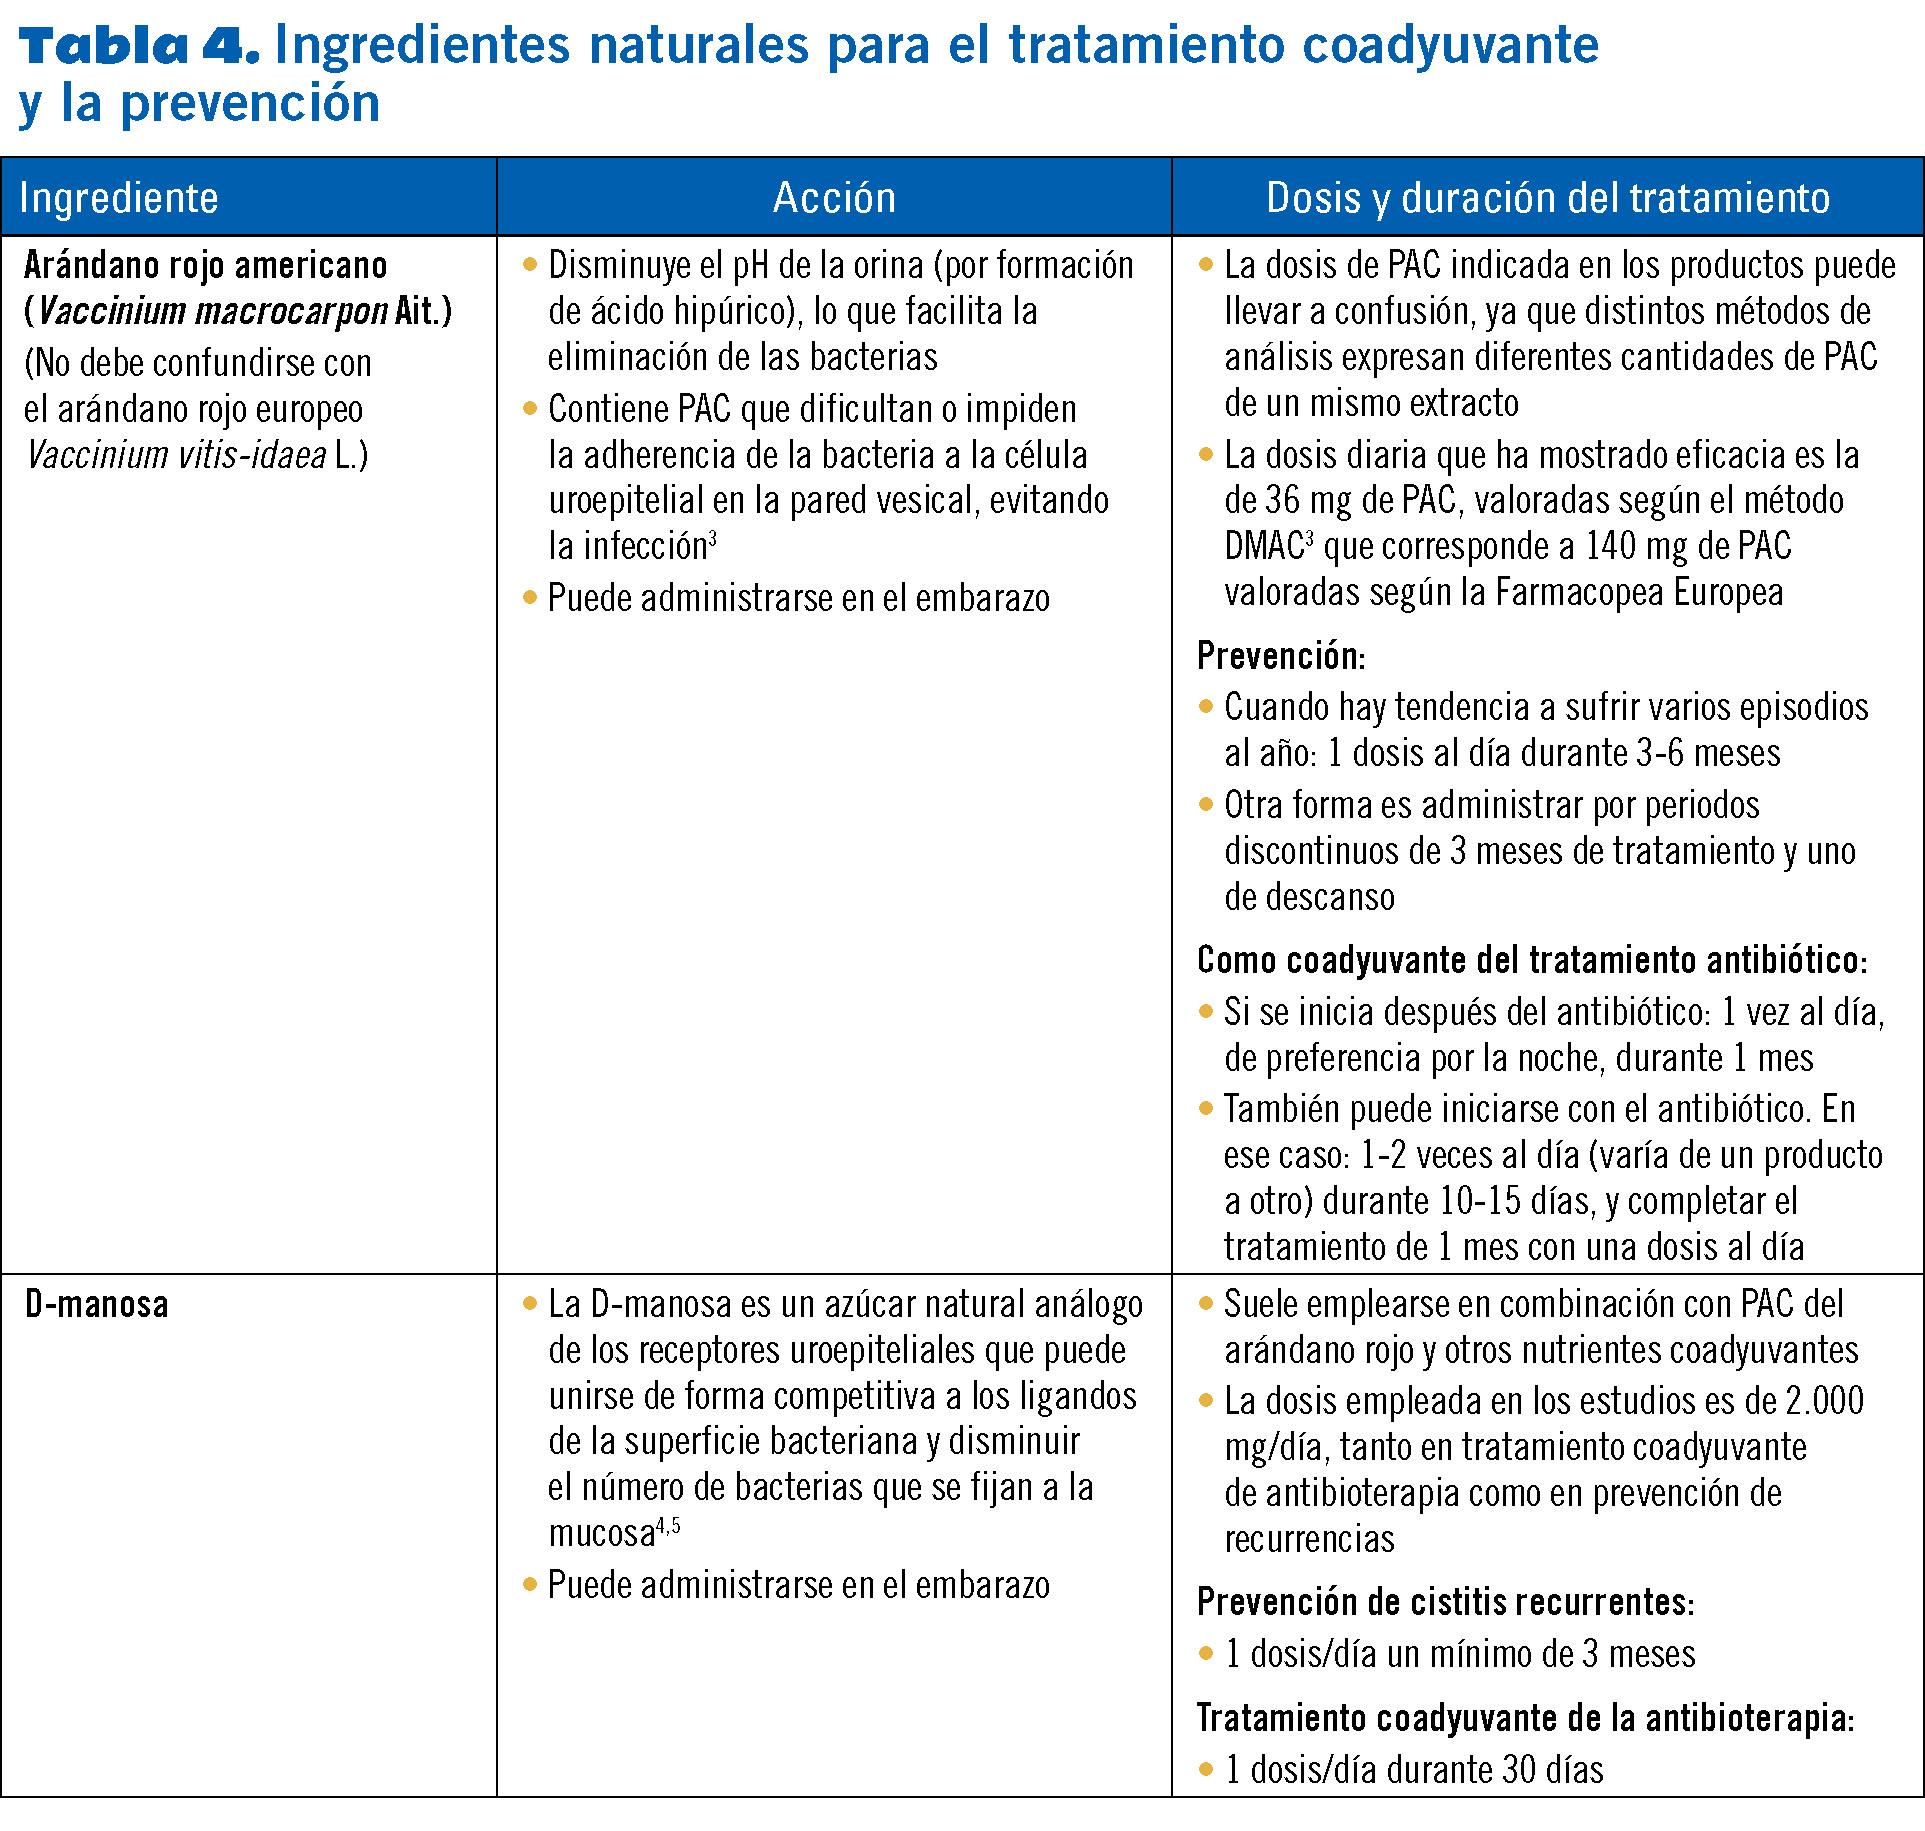 21 EF576 PROTOCOLOS tabla 41